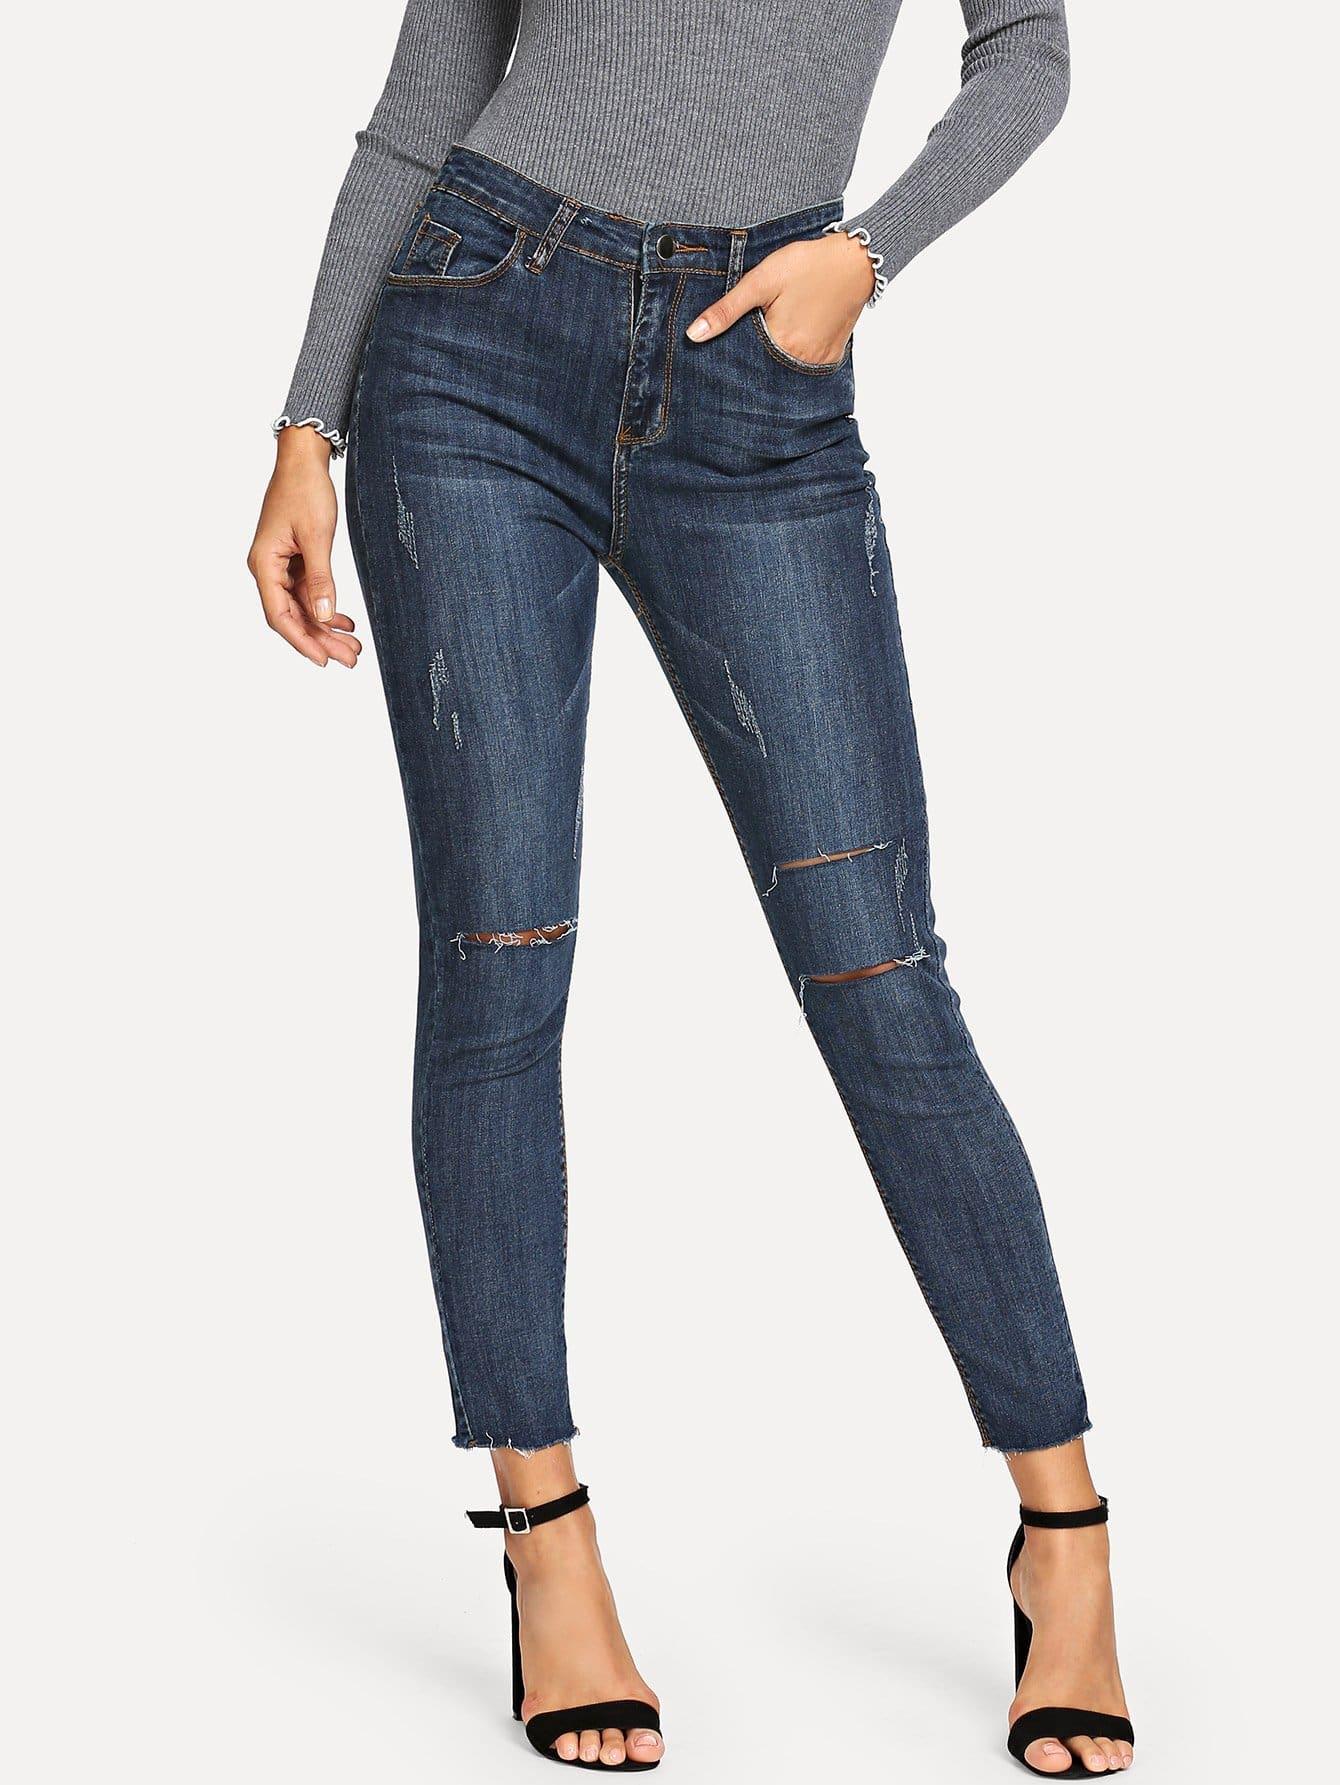 Купить Рваные облегающие джинсы с небработанным краем, Juliana, SheIn